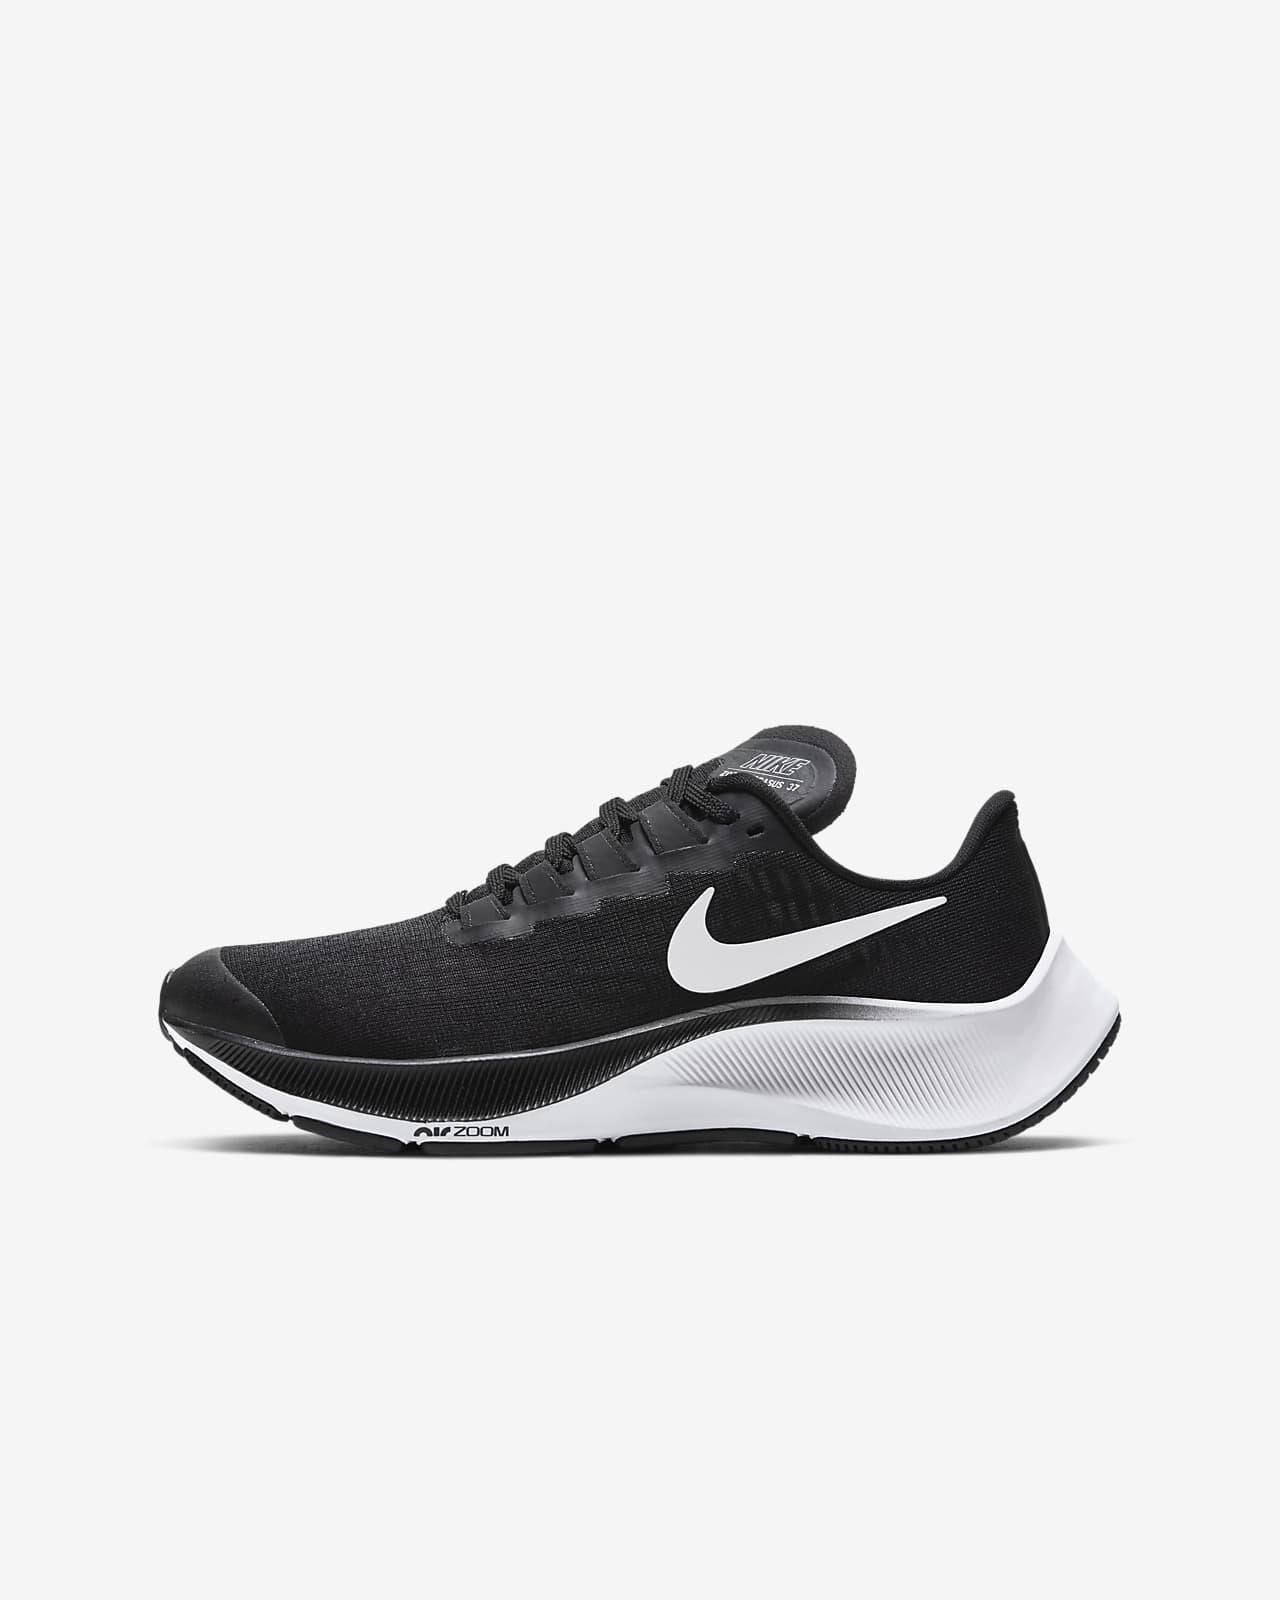 Παπούτσι για τρέξιμο Nike Air Zoom Pegasus 37 για μεγάλα παιδιά